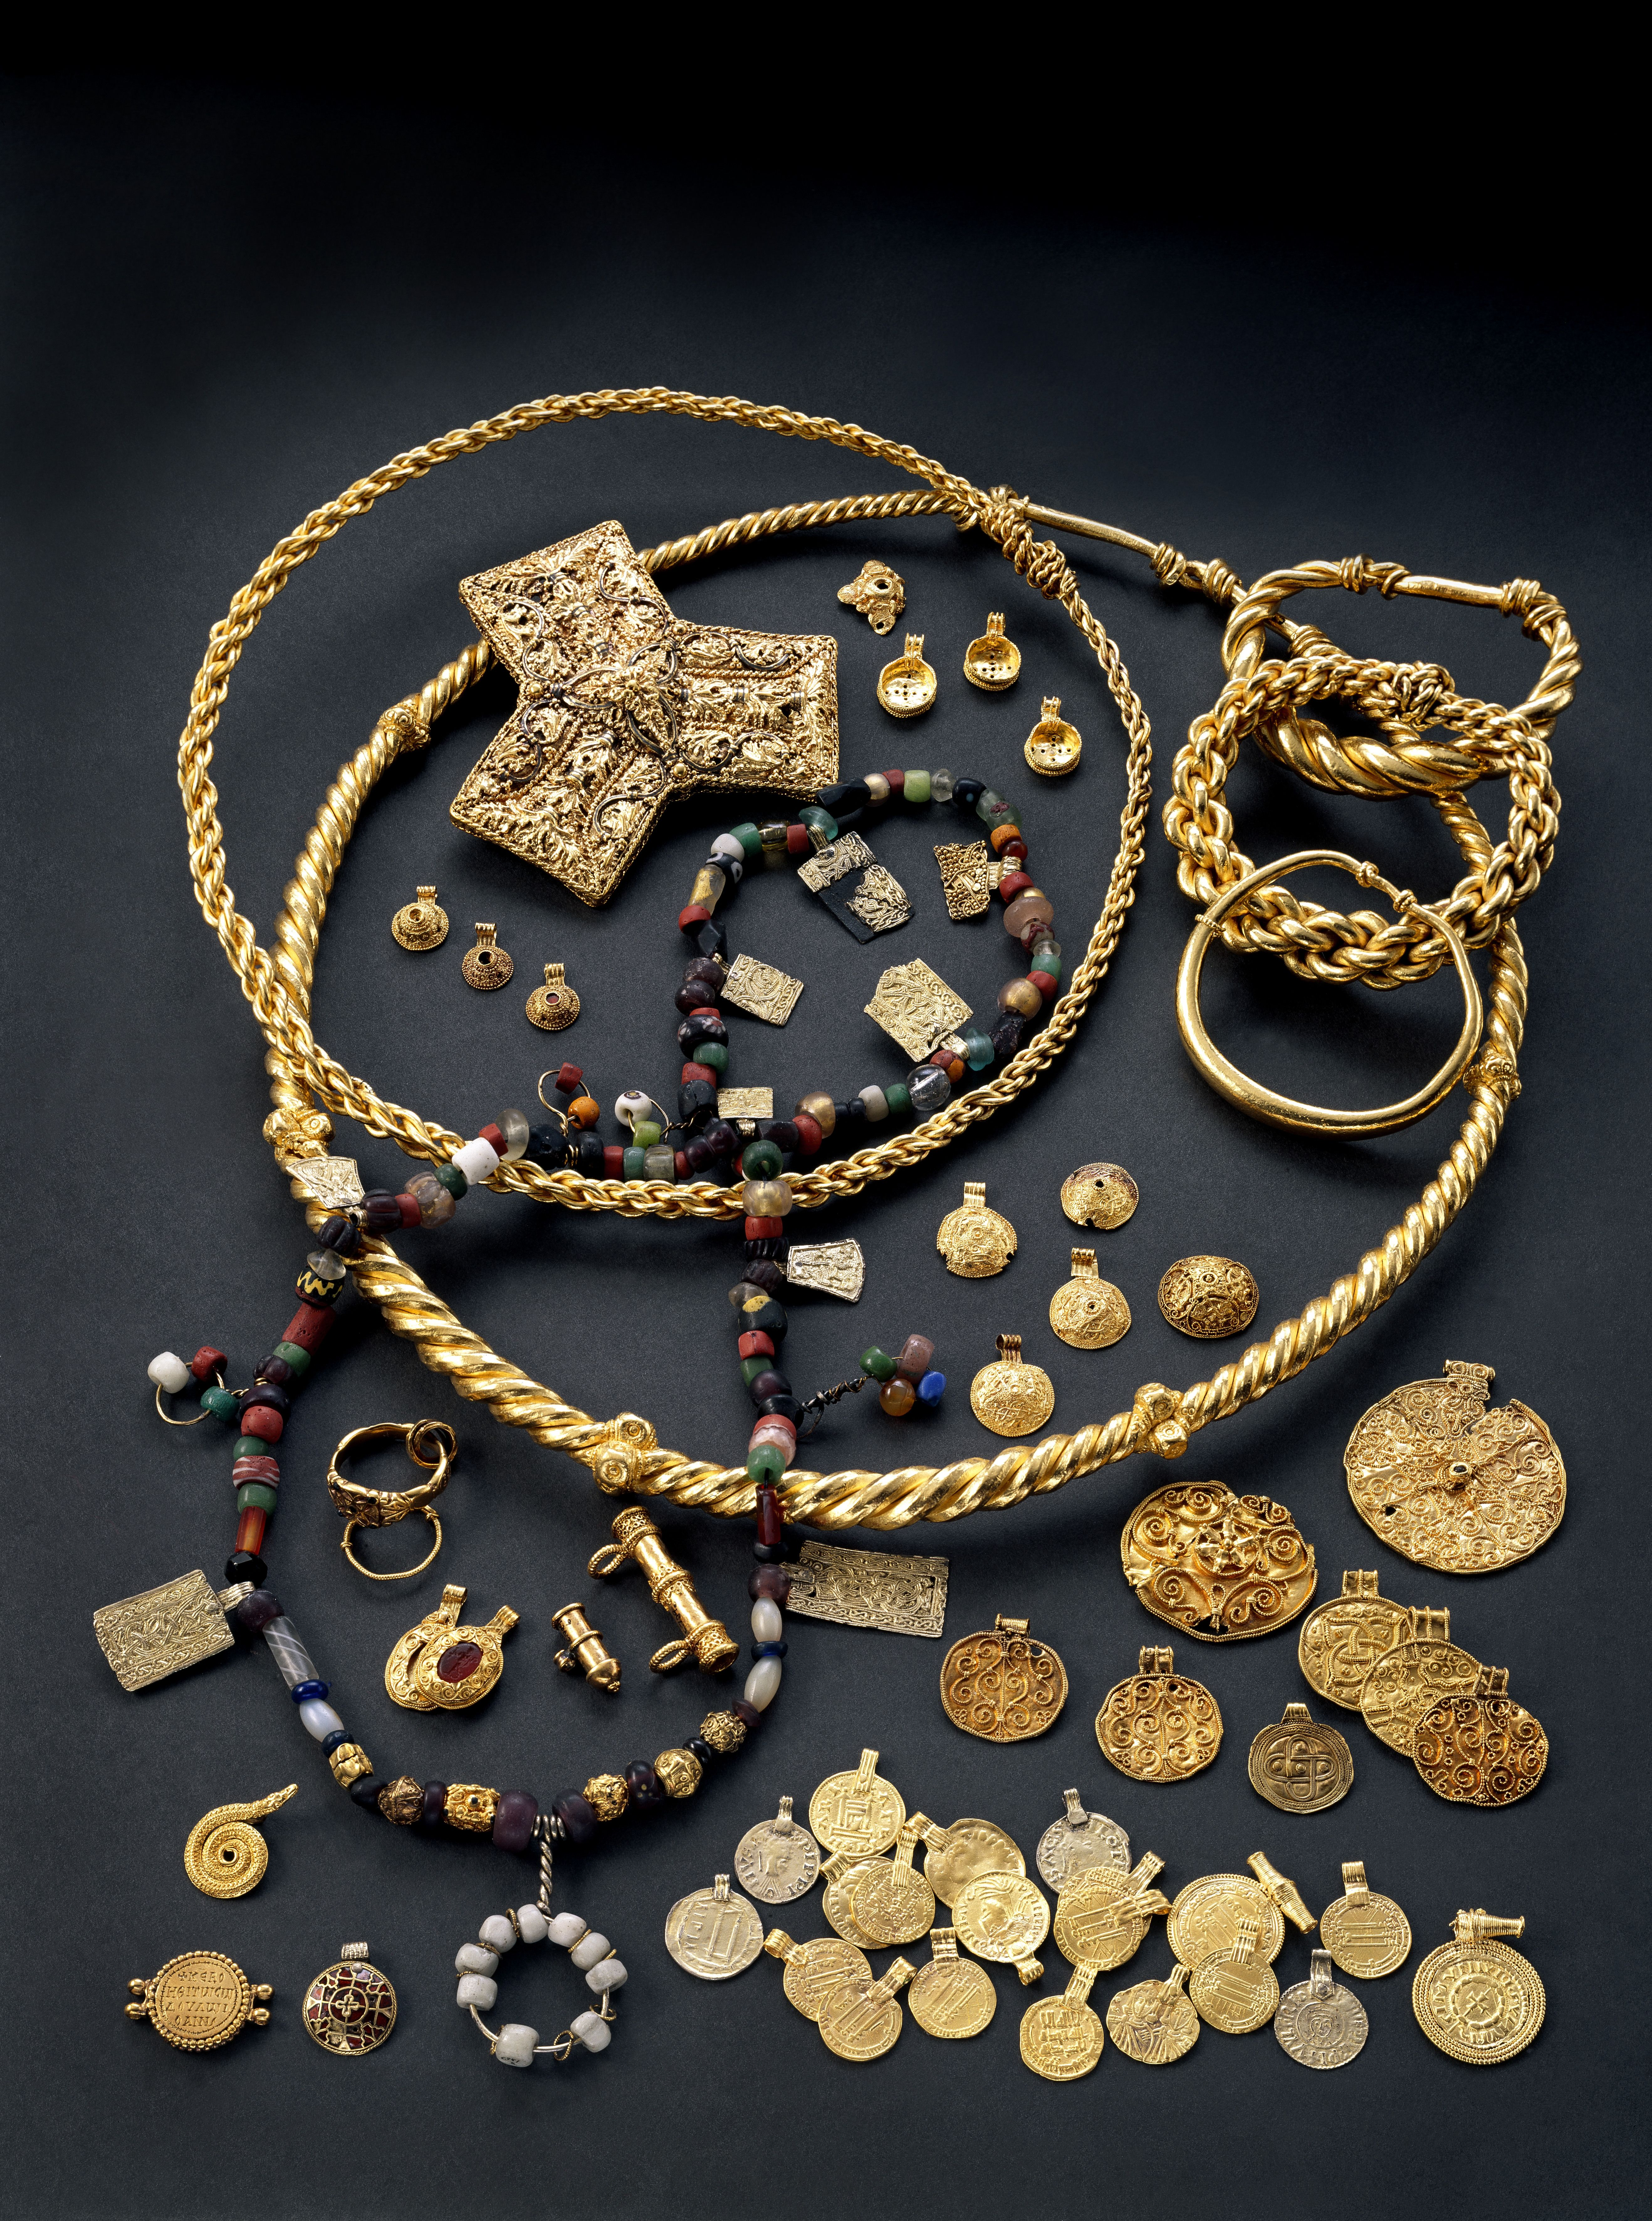 Hoenfunnet. Skattefunn fra Øvre Eiker i Buskerud. Skandinavias største gullskatt. Består av importerte mynter og beslag, samt skandinaviske gullsmykker. De importerte gjenstandene er alle omgjort til spenner eller hengesmykker. Skatten er trolig nedlagt mellom 875 og 900. Ove Holst/Kulturhistorisk museum